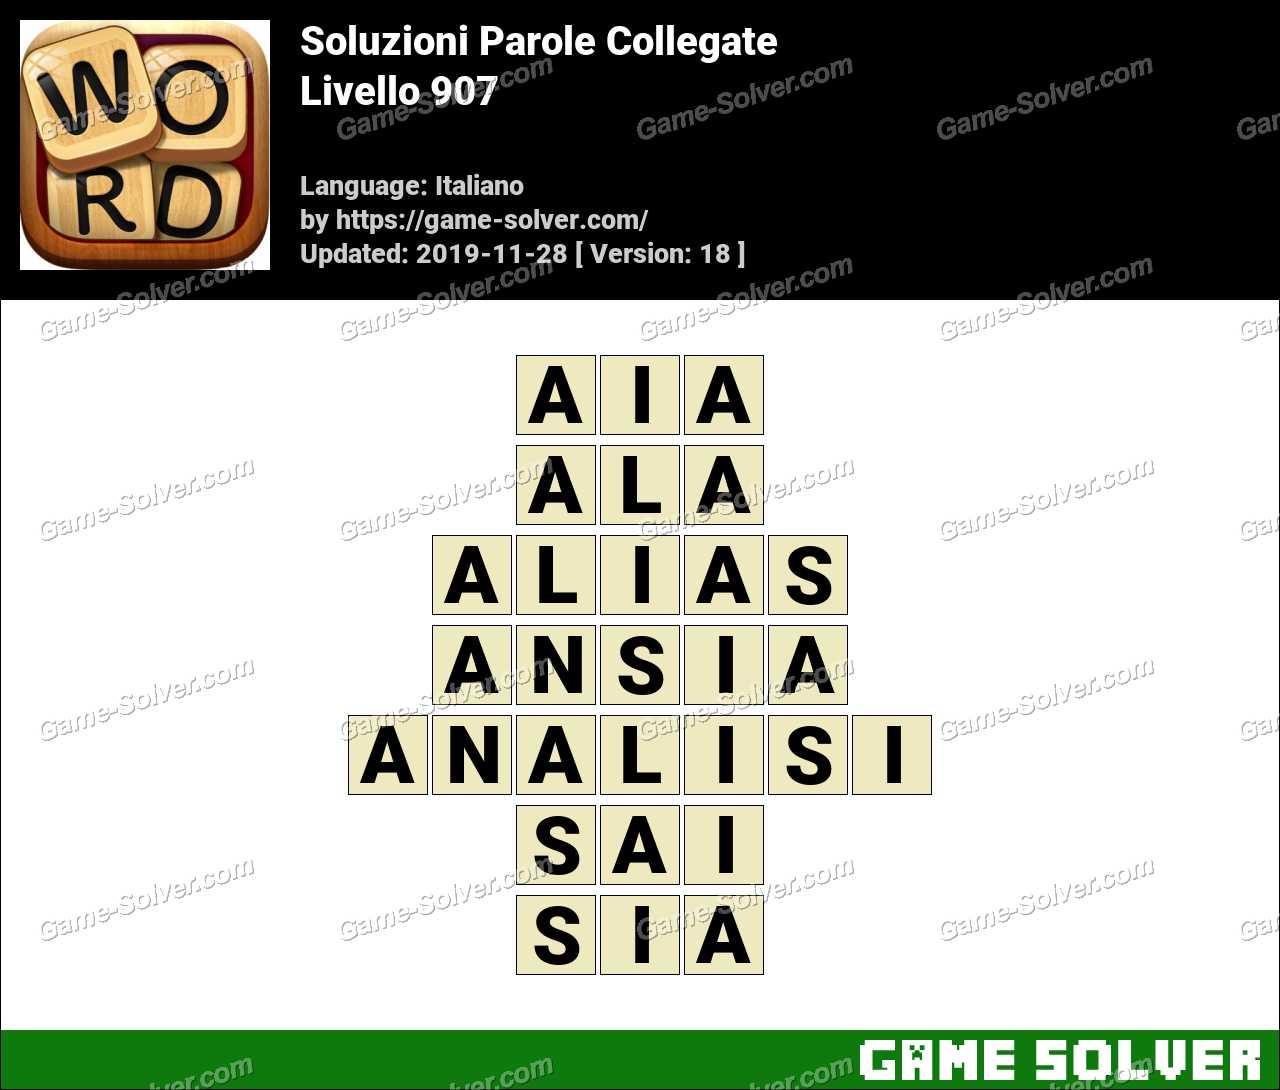 Soluzioni Parole Collegate Livello 907